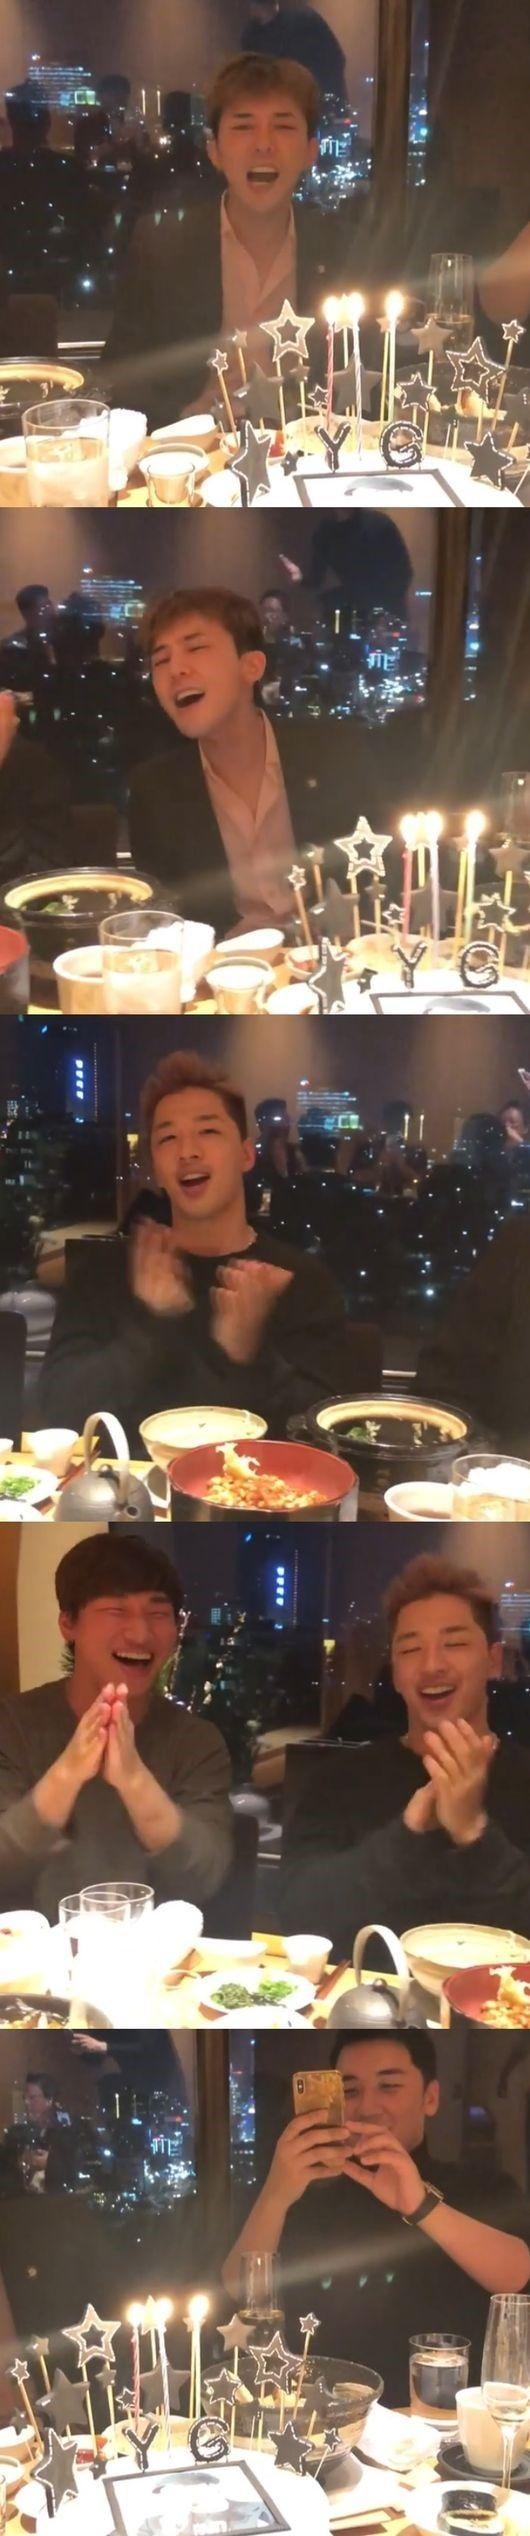 【BIGBANG NEWS】BIGBANG、パーティーで熱唱…ヤン・ヒョンソク代表の誕生日をお祝い(動画あり)